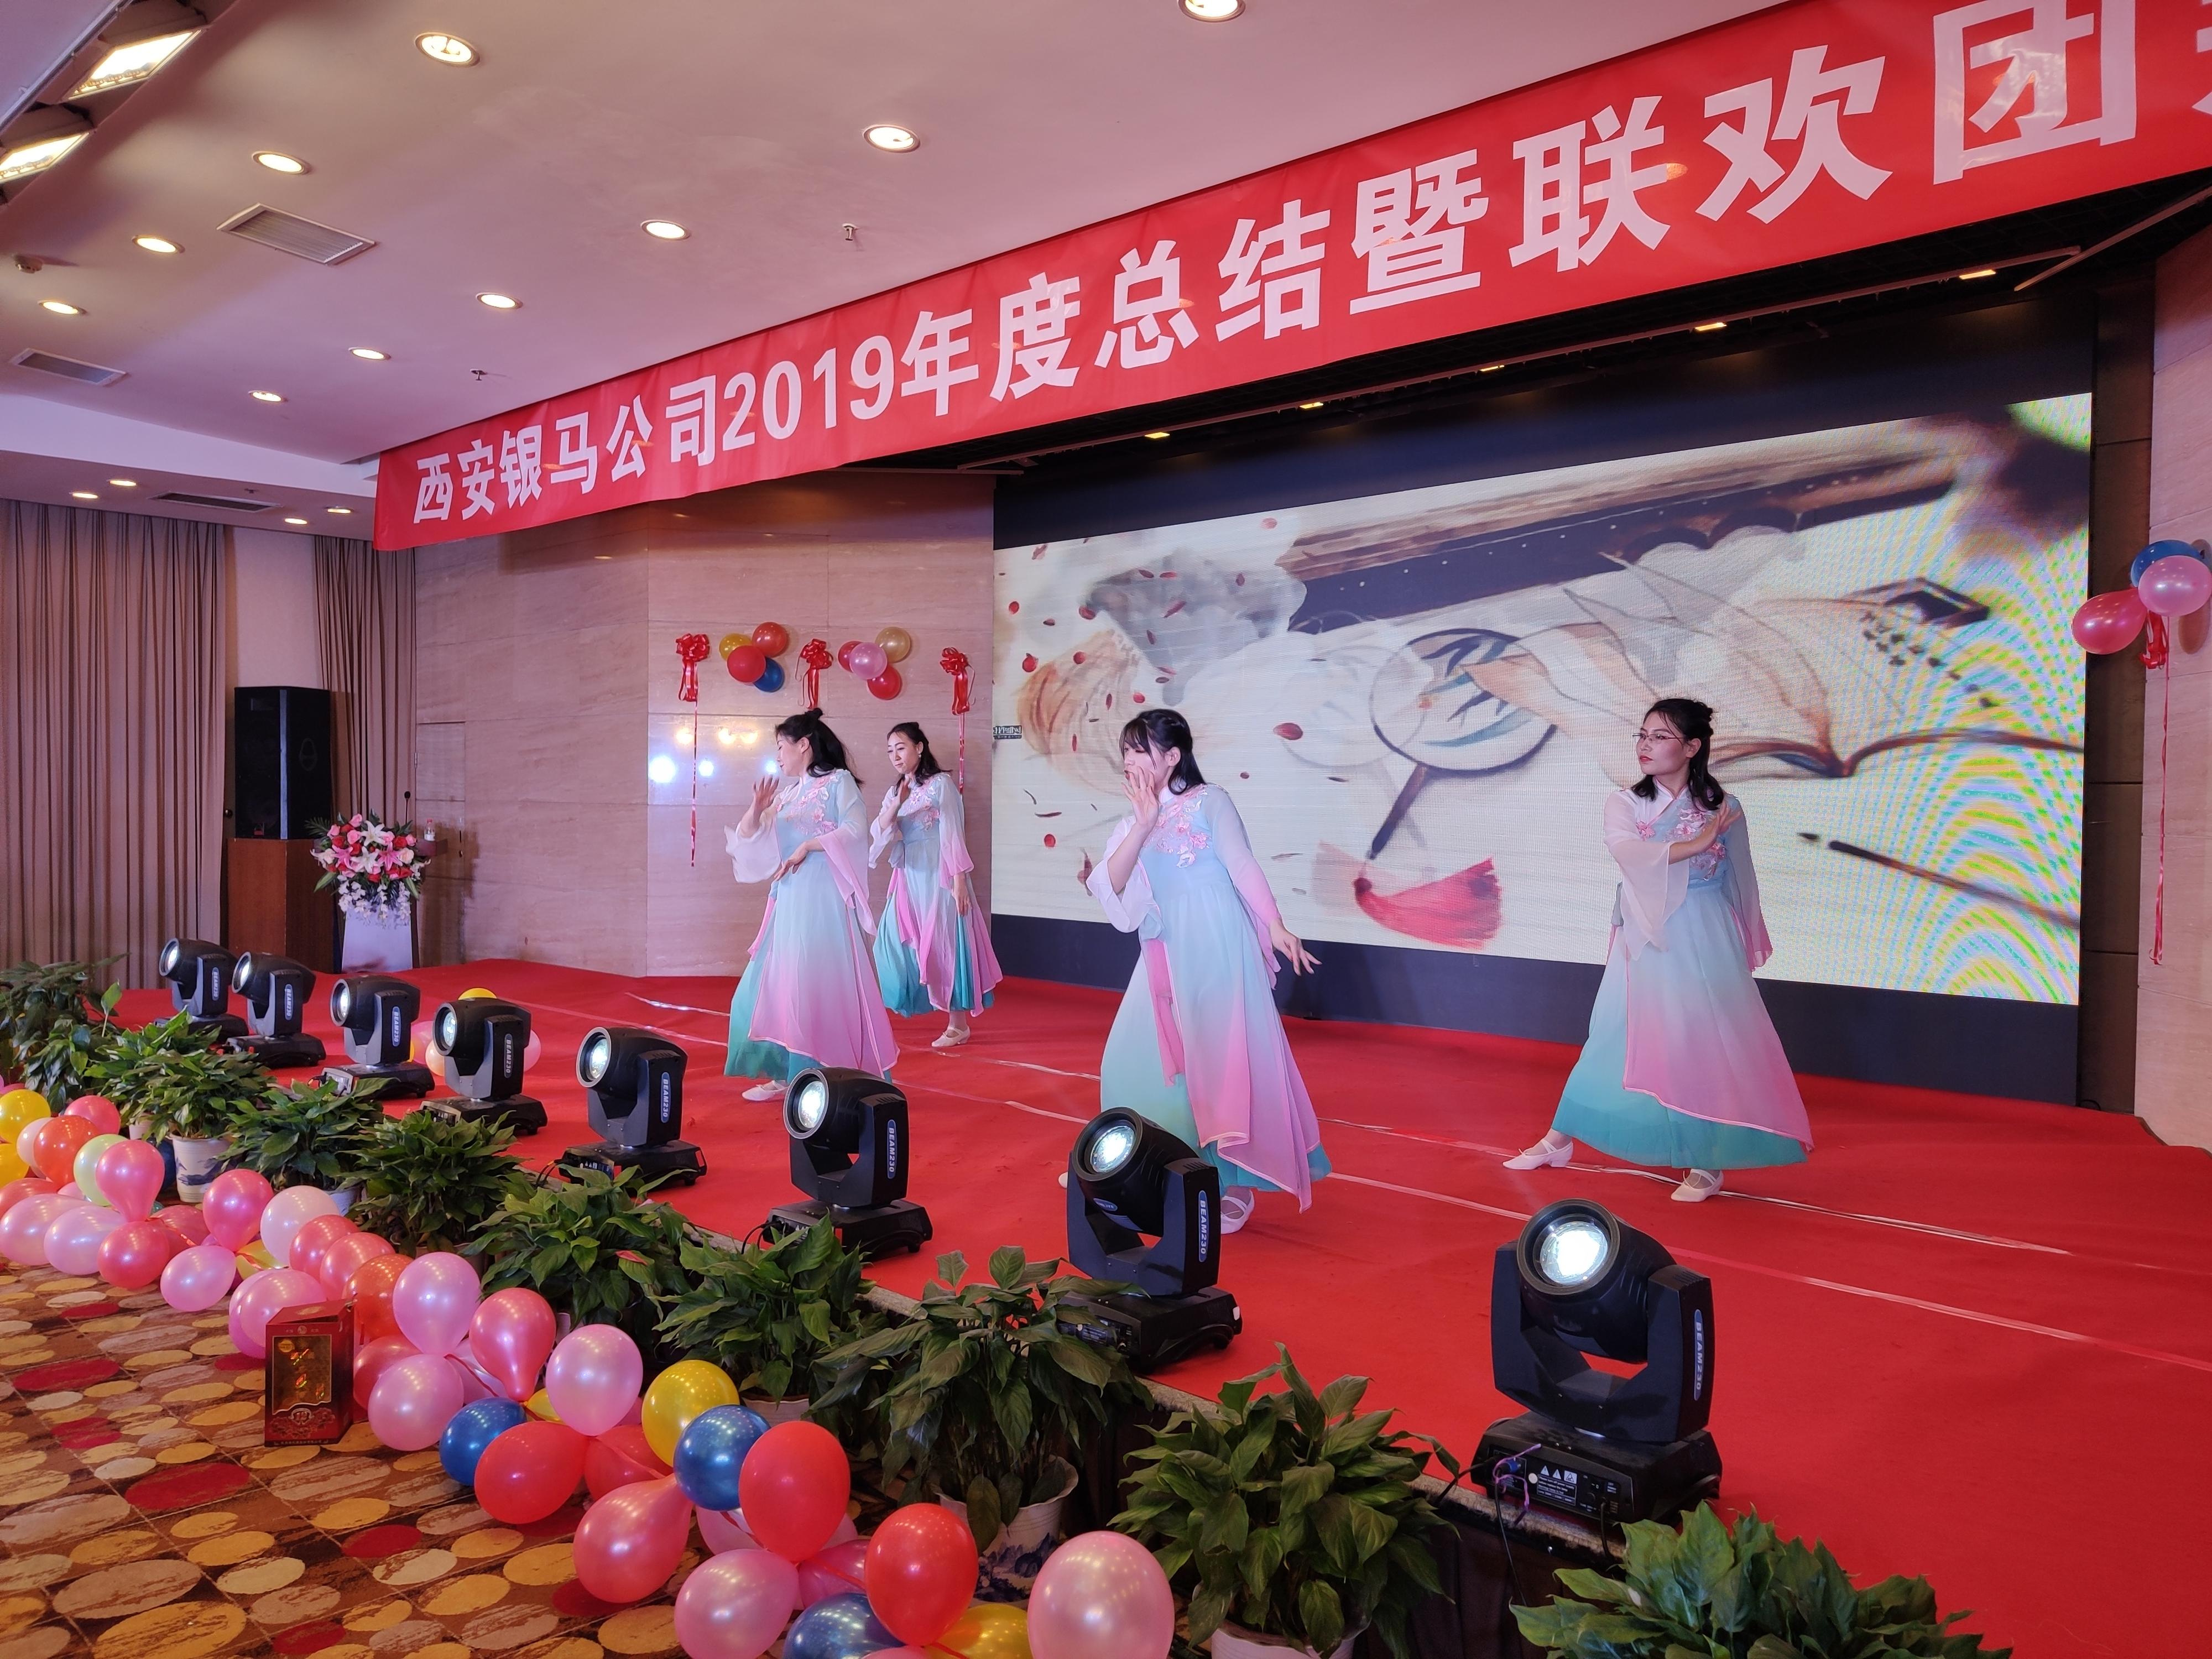 西安银马砖机公司2019年年会节目表演